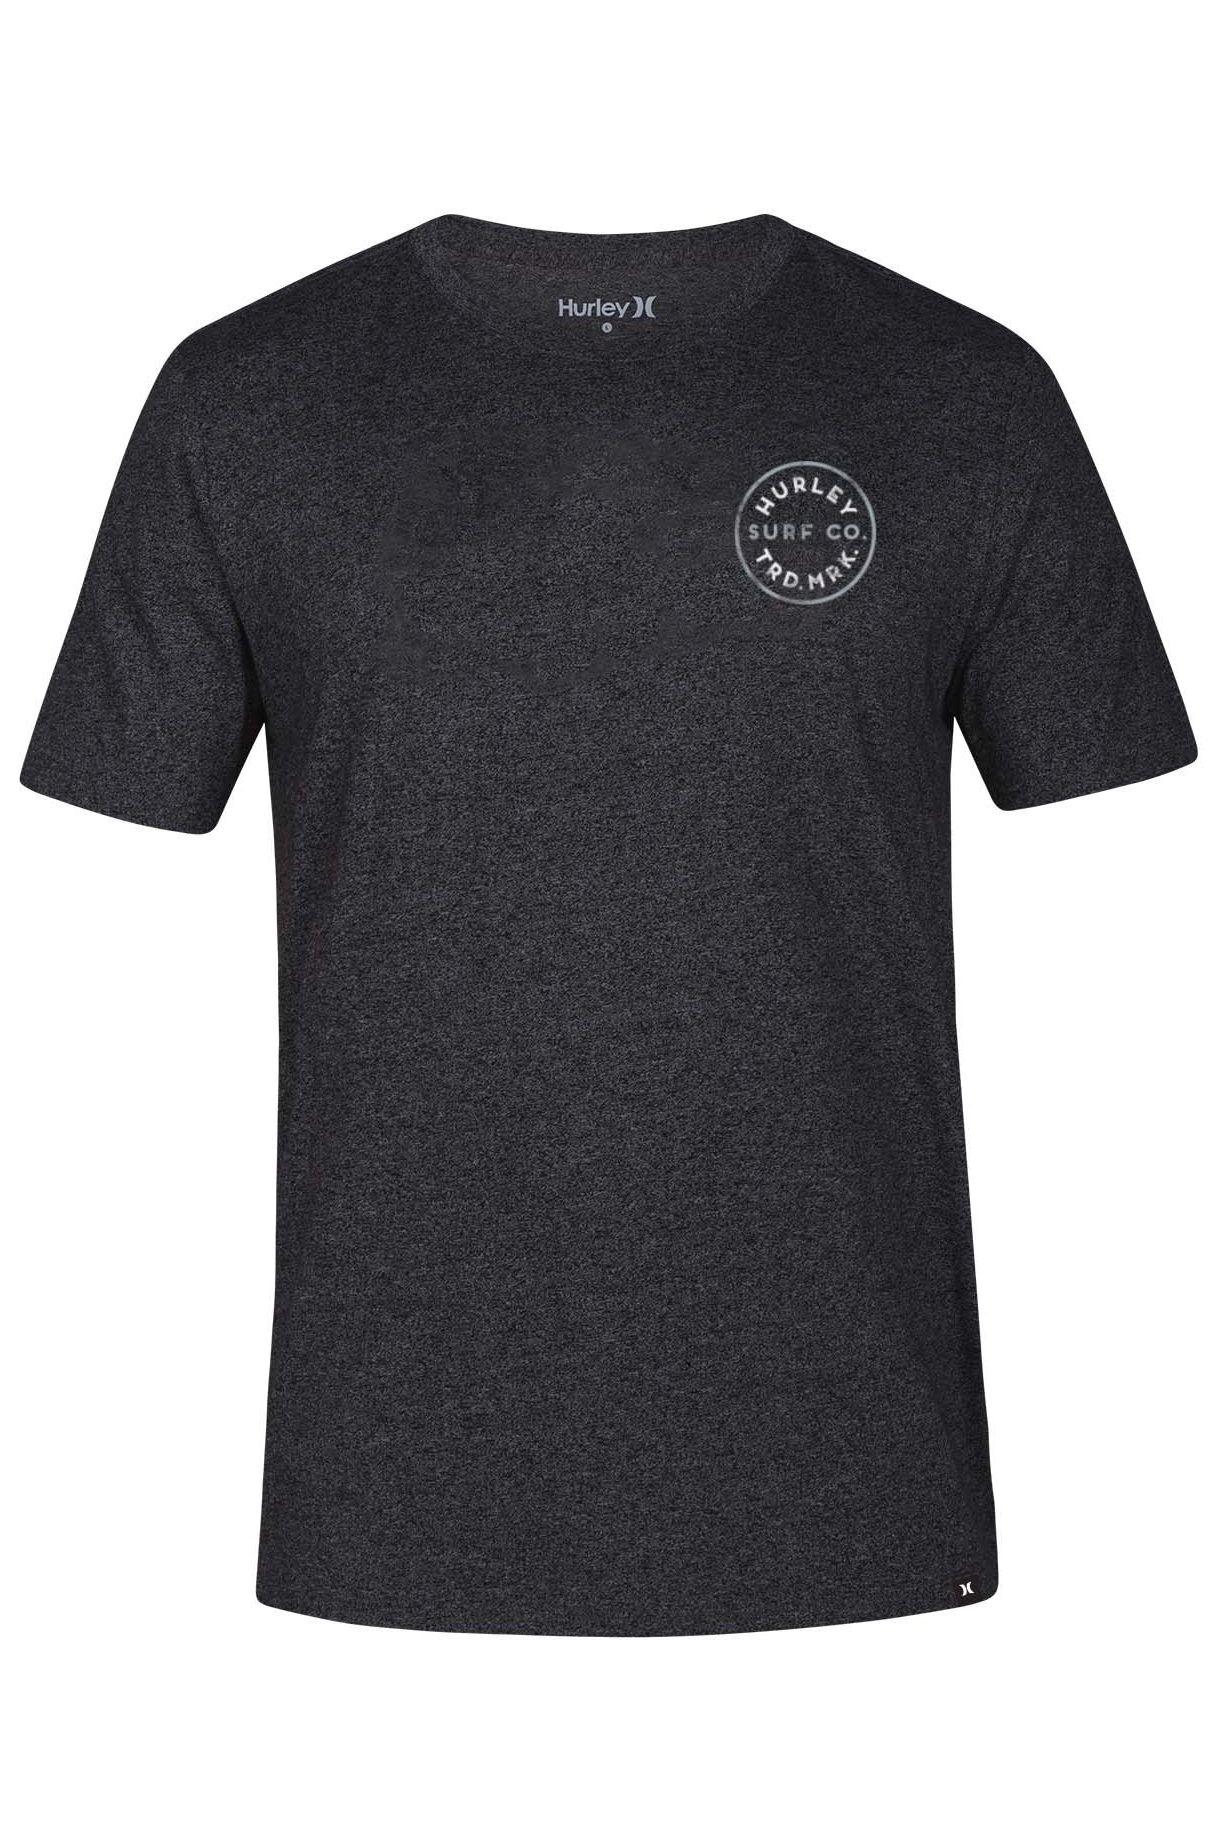 Hurley T-Shirt M HAYDEN TEE Black Htr